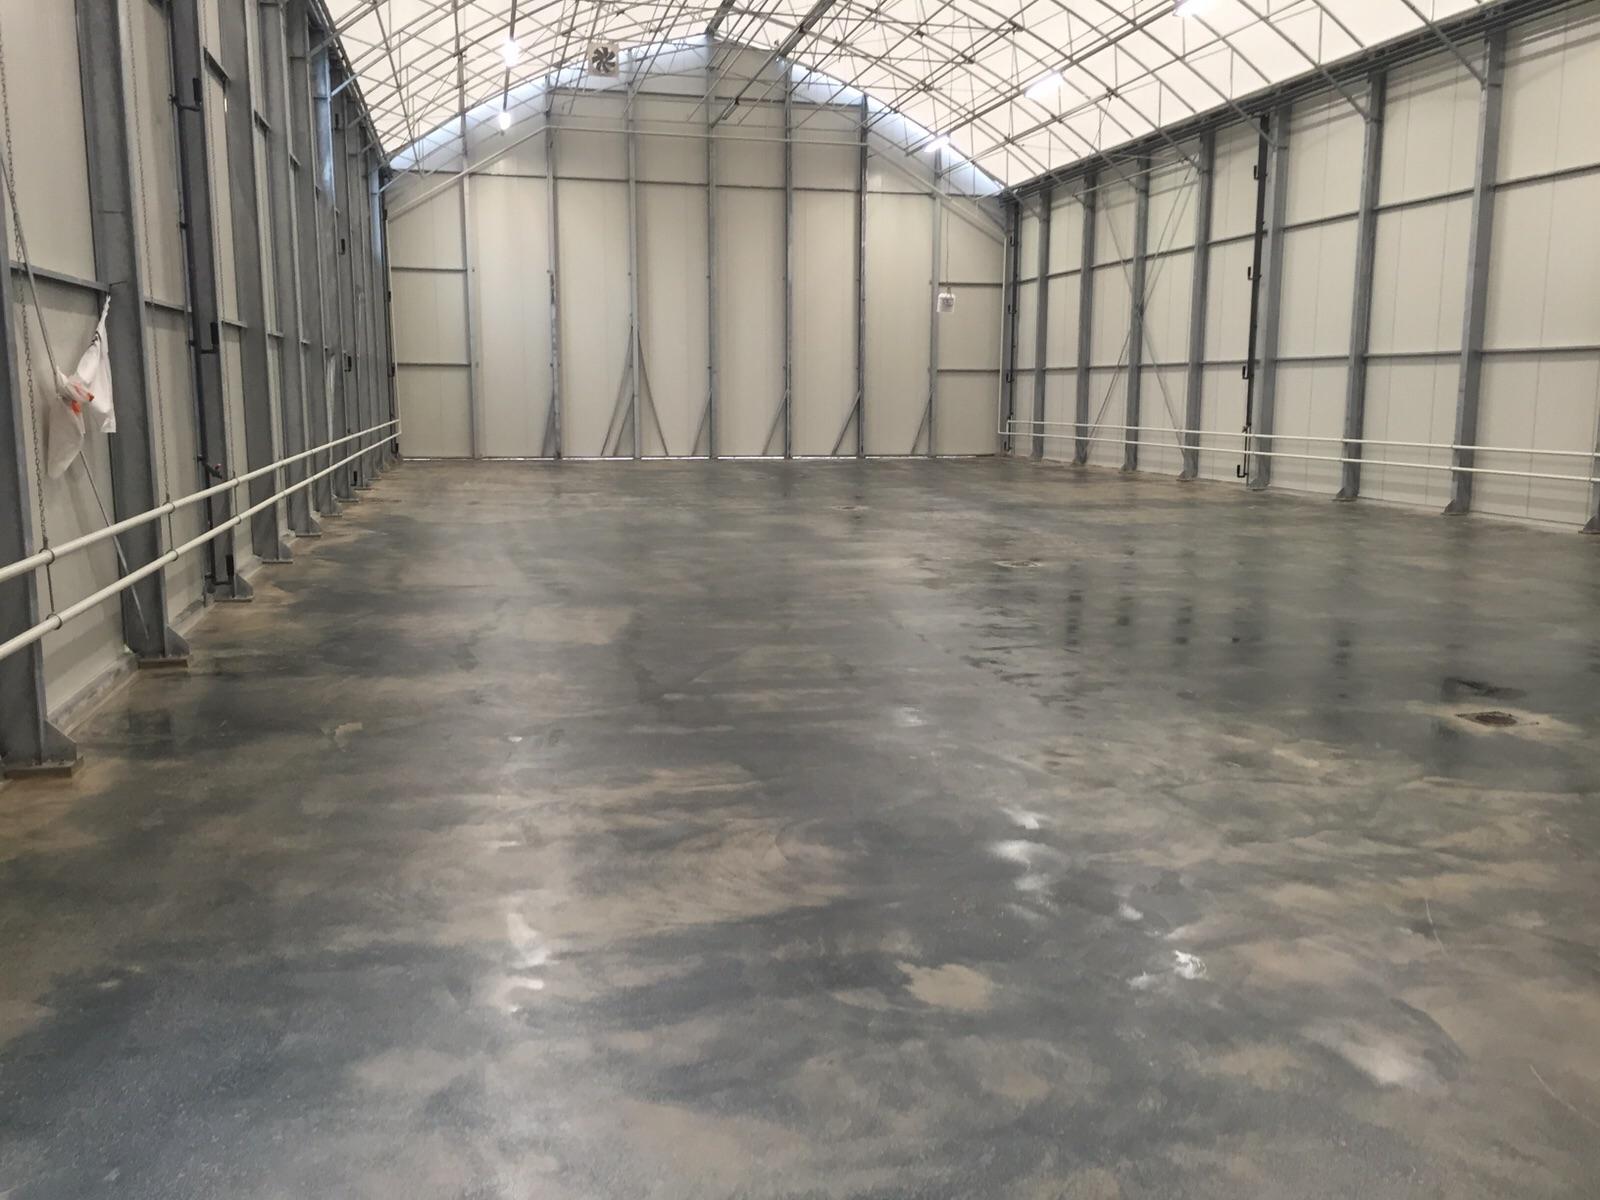 betonvloer impregneren geef betonnen vloer de juiste bescherming